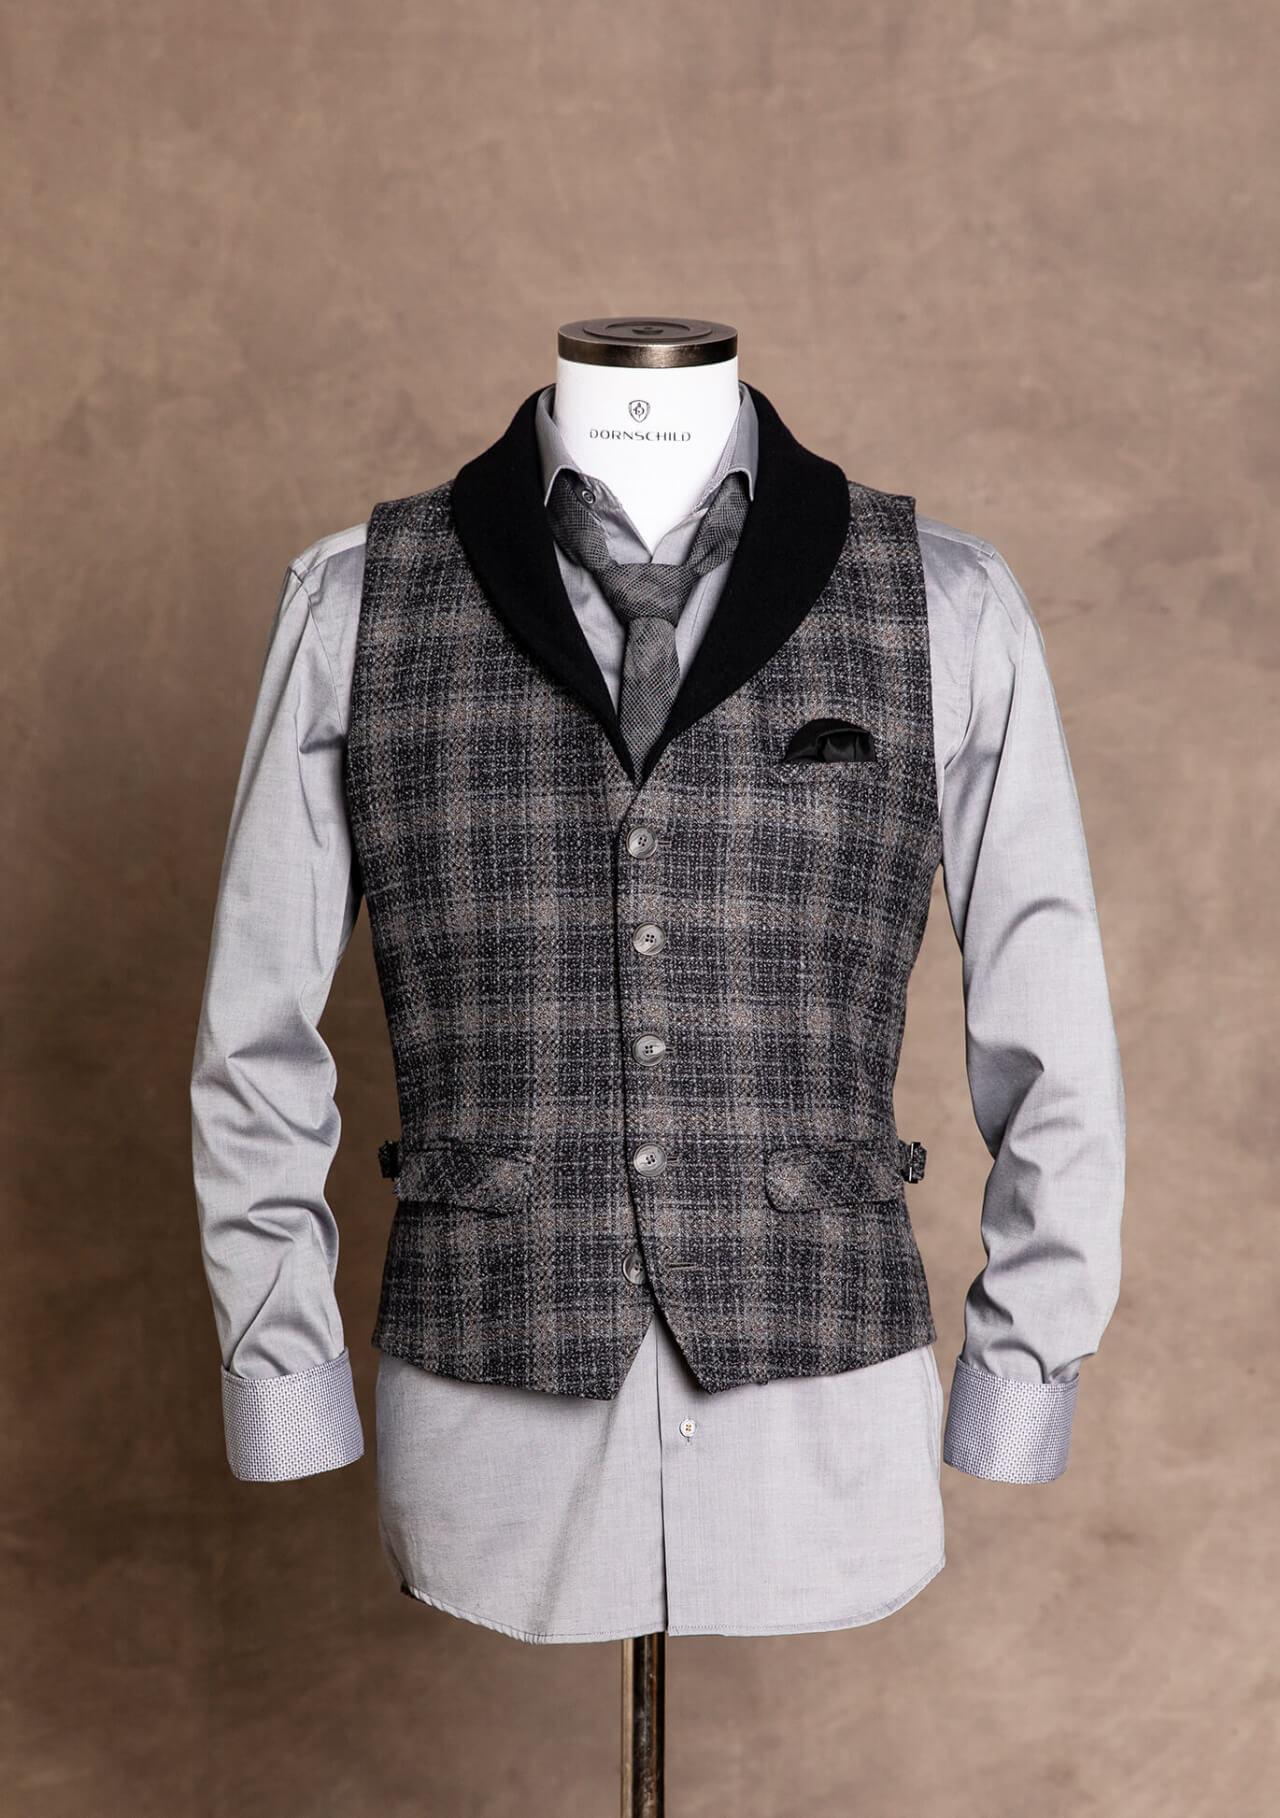 Schicke, lässige und edle Premium Einreiher Herren Weste / Gilet von DORNSCHILD Schwarz Grau kariert aus feinstem italienischen Stoff mit abnehmbaren Schalkragen aus Wolle.